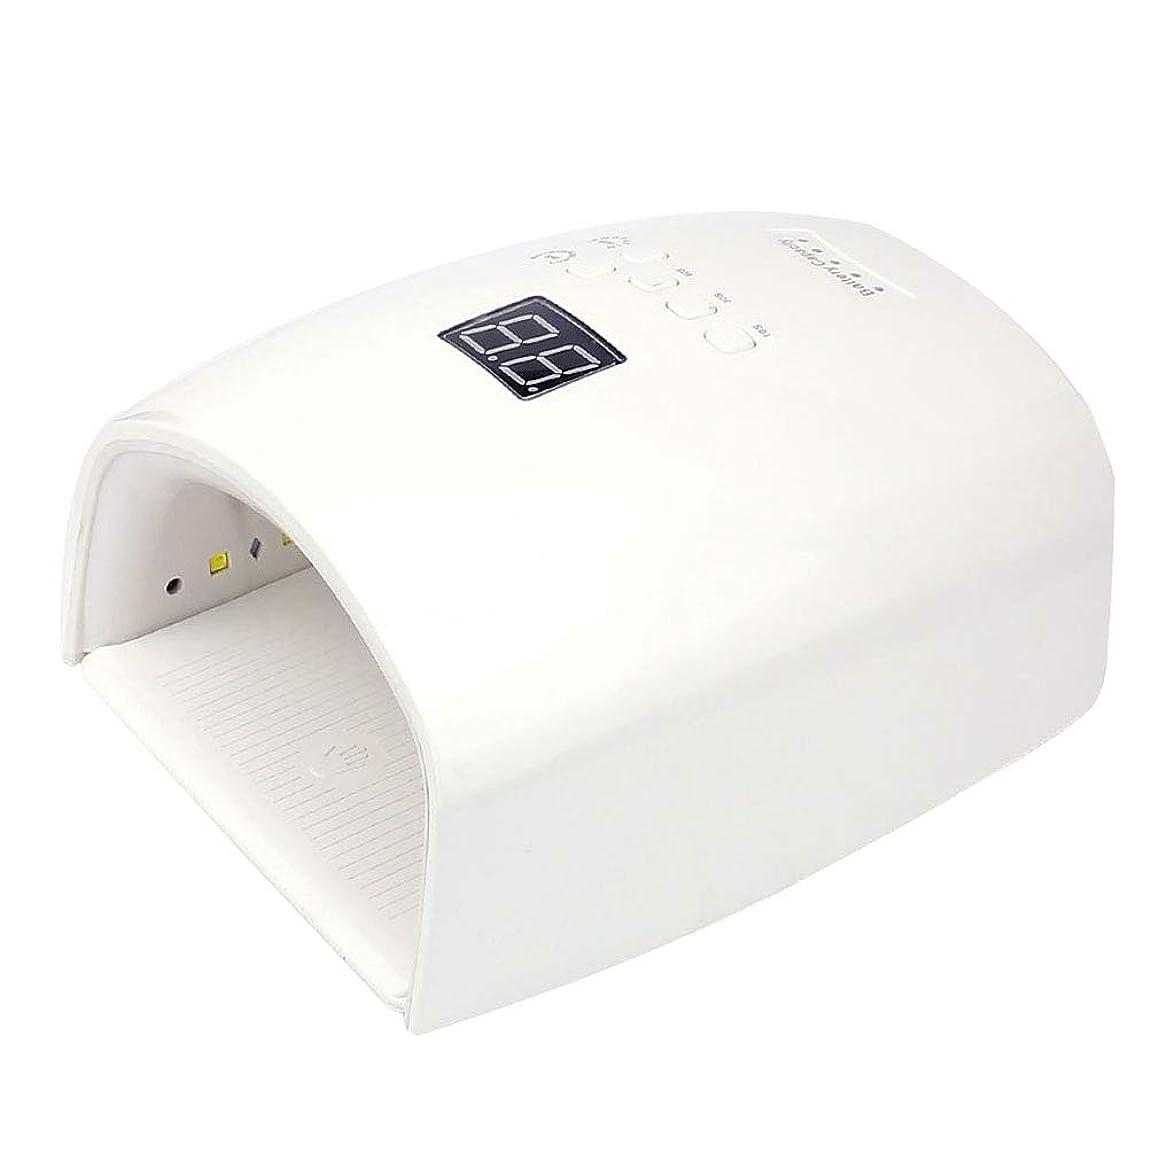 カカドゥ無視小さなネイルドライヤー、ネイル用48wポータブルLED / UVランプ、30/60/90秒タイマー、赤外線センサー、取り外し可能な磁性プレート、LCDディスプレイ、すべてのゲルに対応